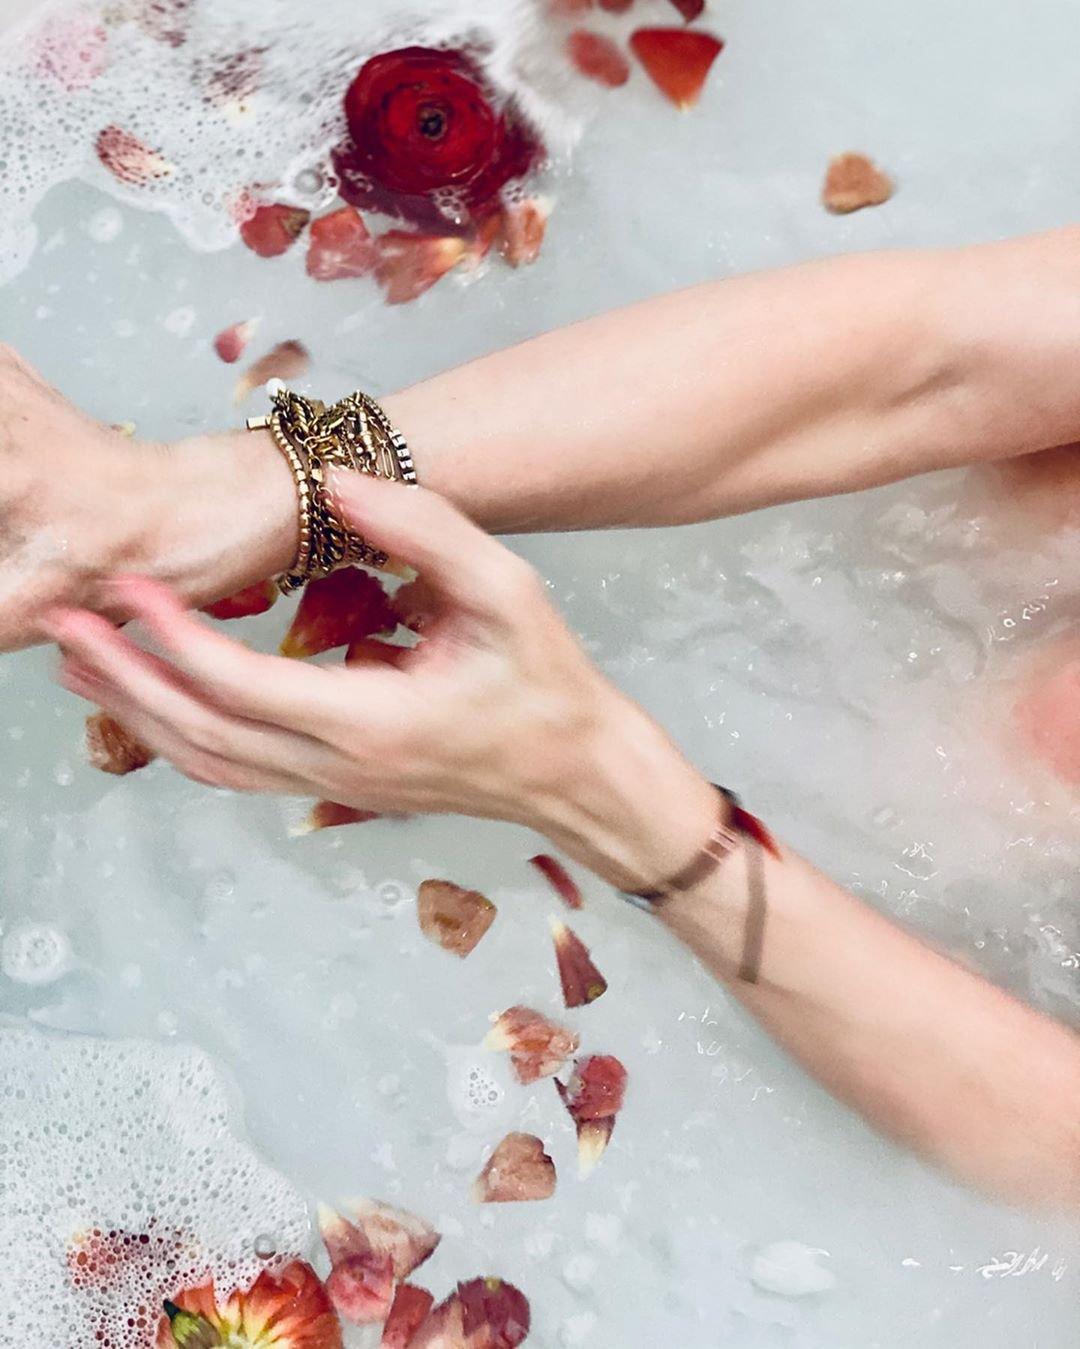 Голая Мадонна в ванной предложила поговорить о коронавирусе